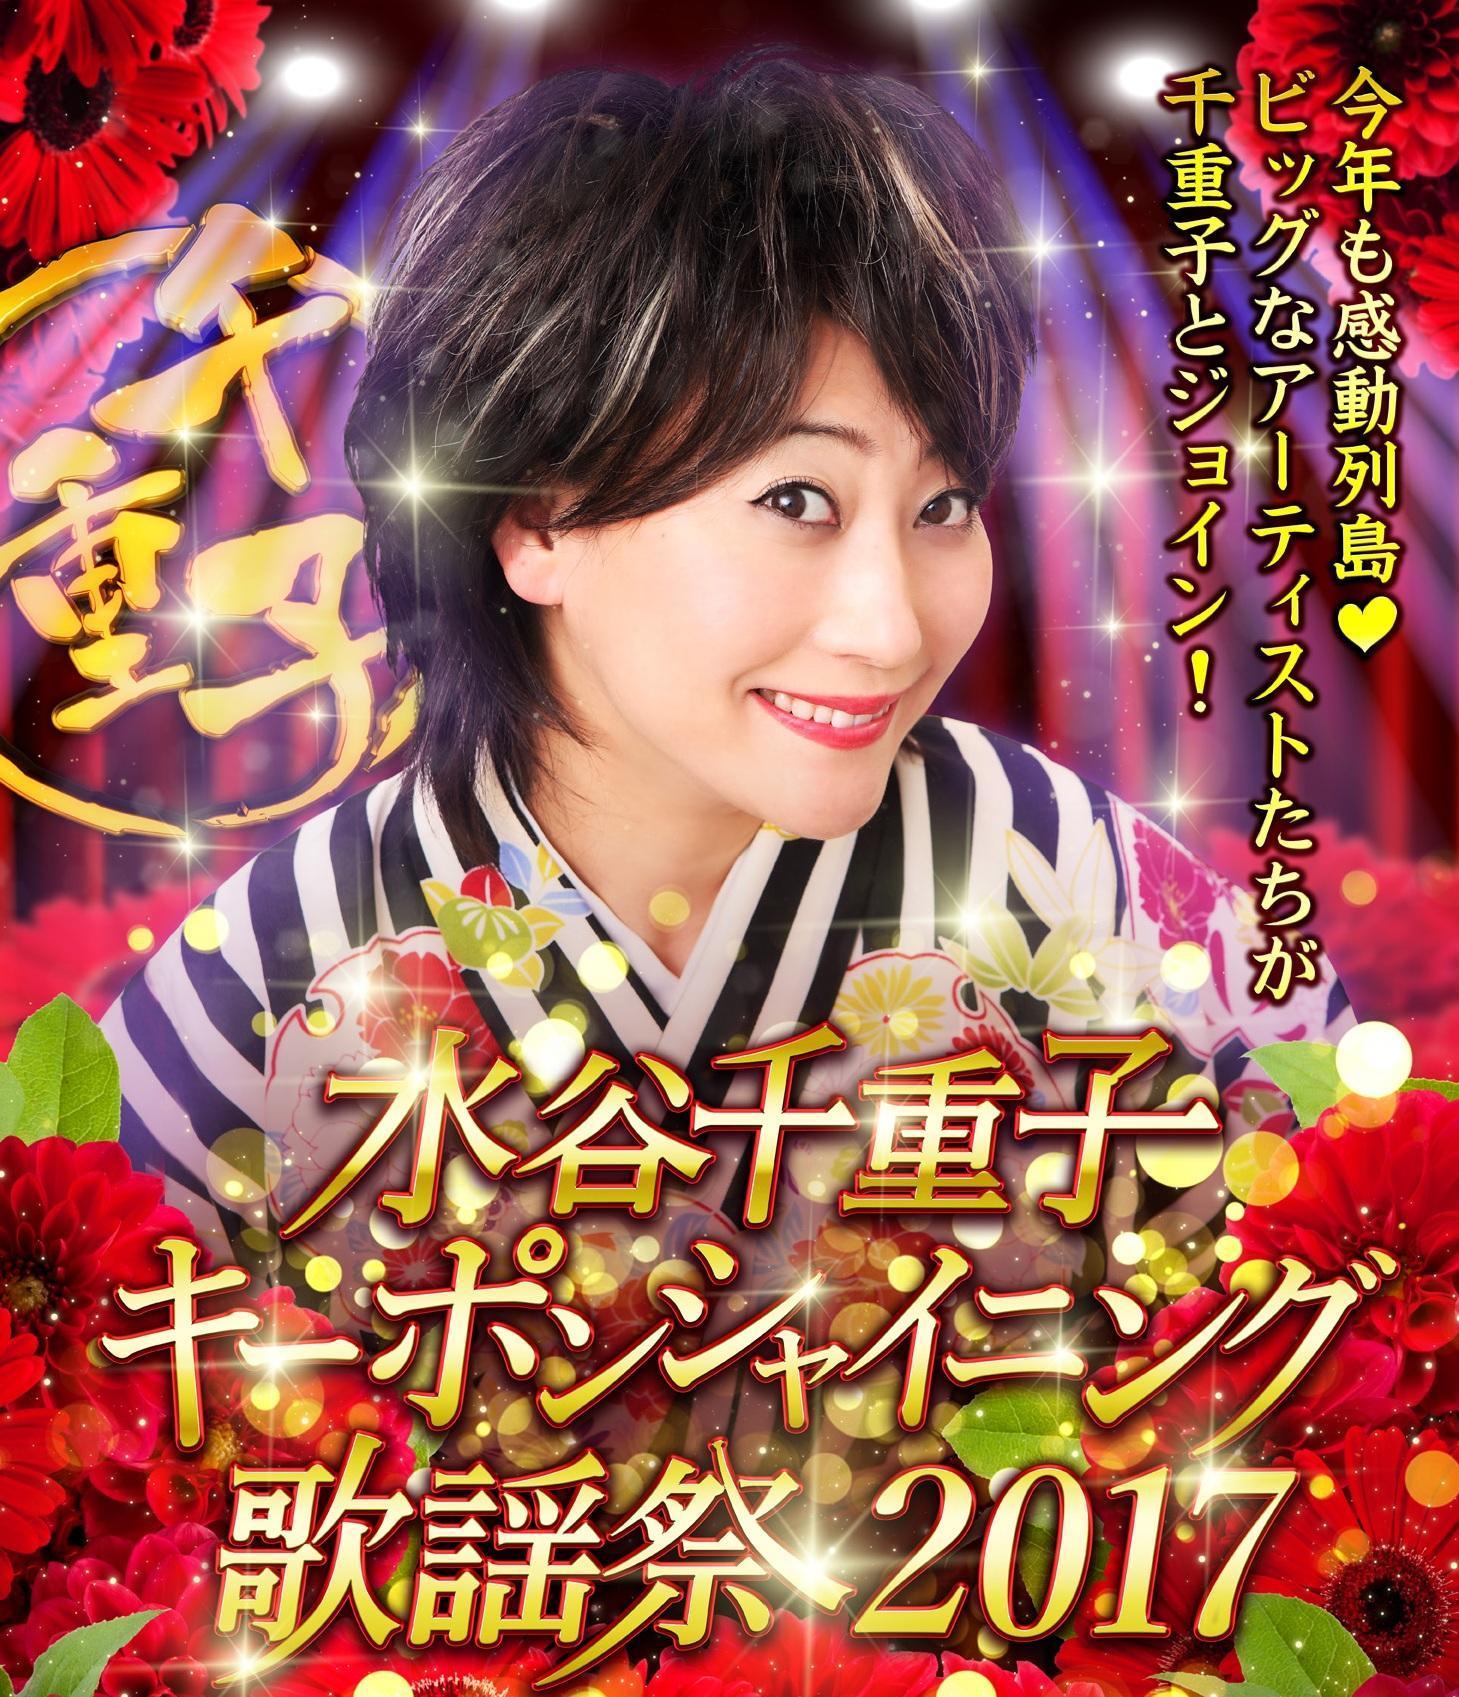 http://news.yoshimoto.co.jp/20170421105747-b5c83f586d9b4f0bcb1ca817f052efe151df8abe.jpg